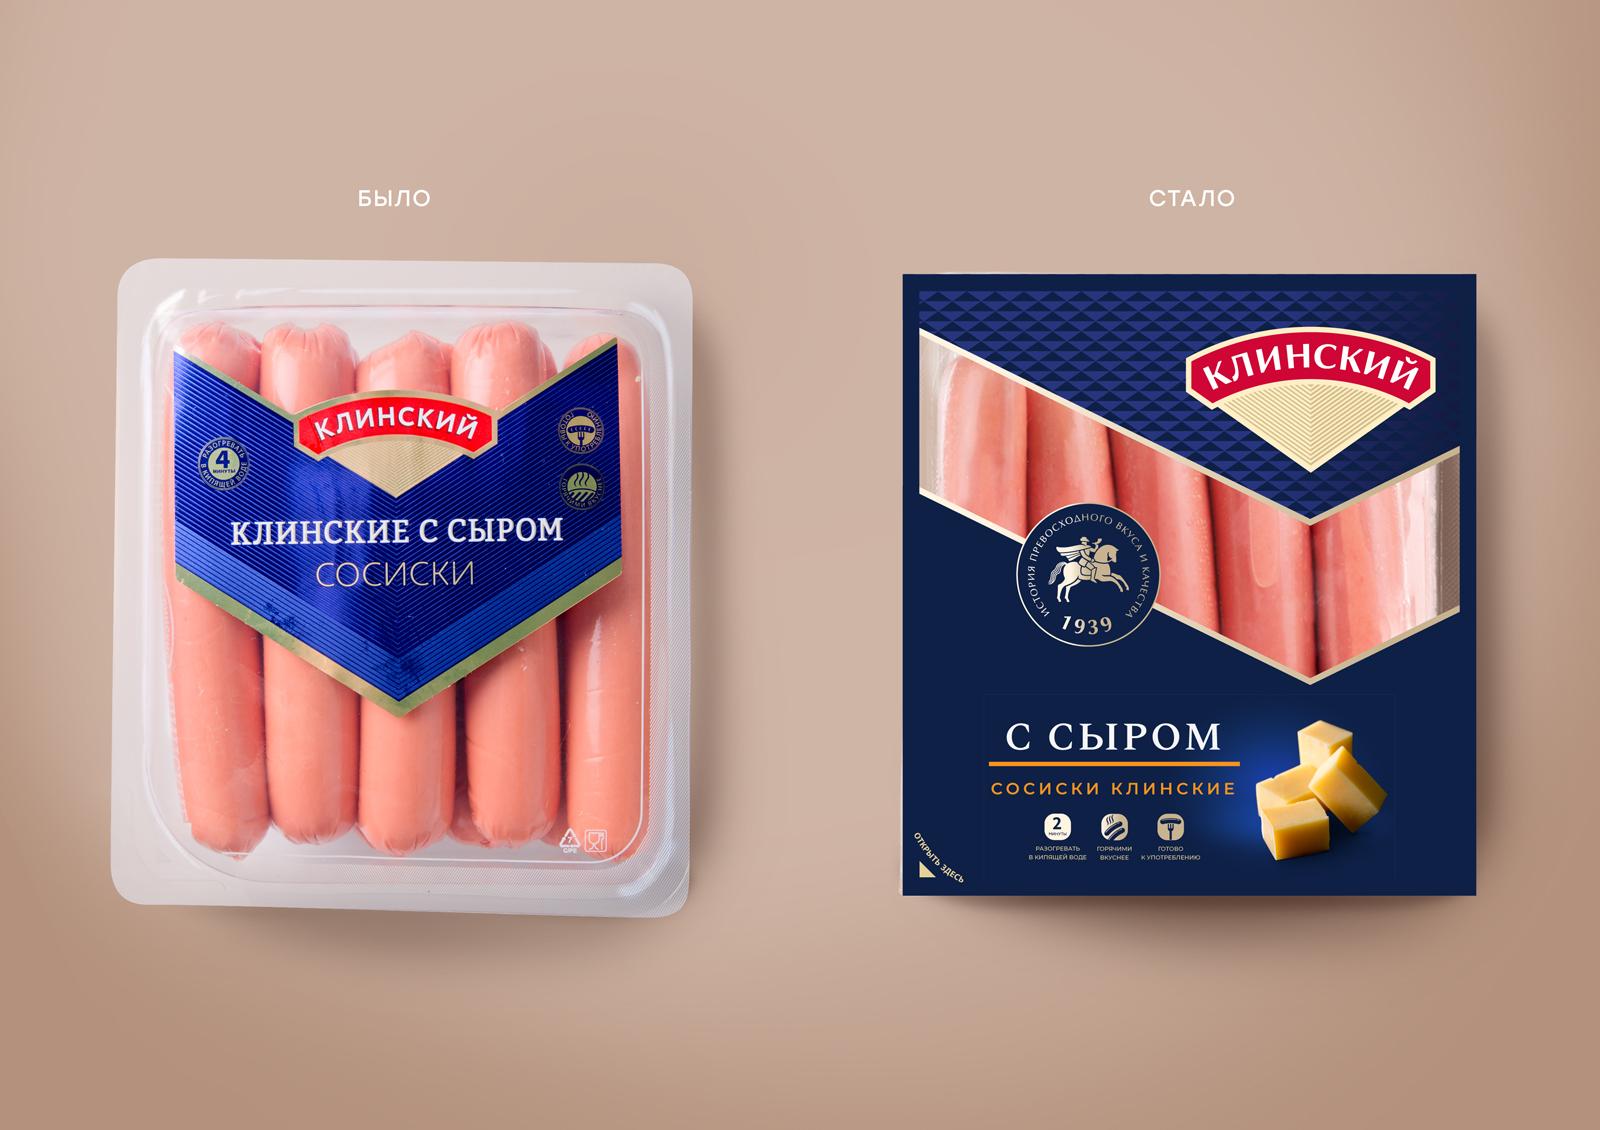 Бренд «Клинский» сохранил узнаваемость, при этом новый дизайн упаковки формирует совершенно иное соотношение цены и ценности для потребителя